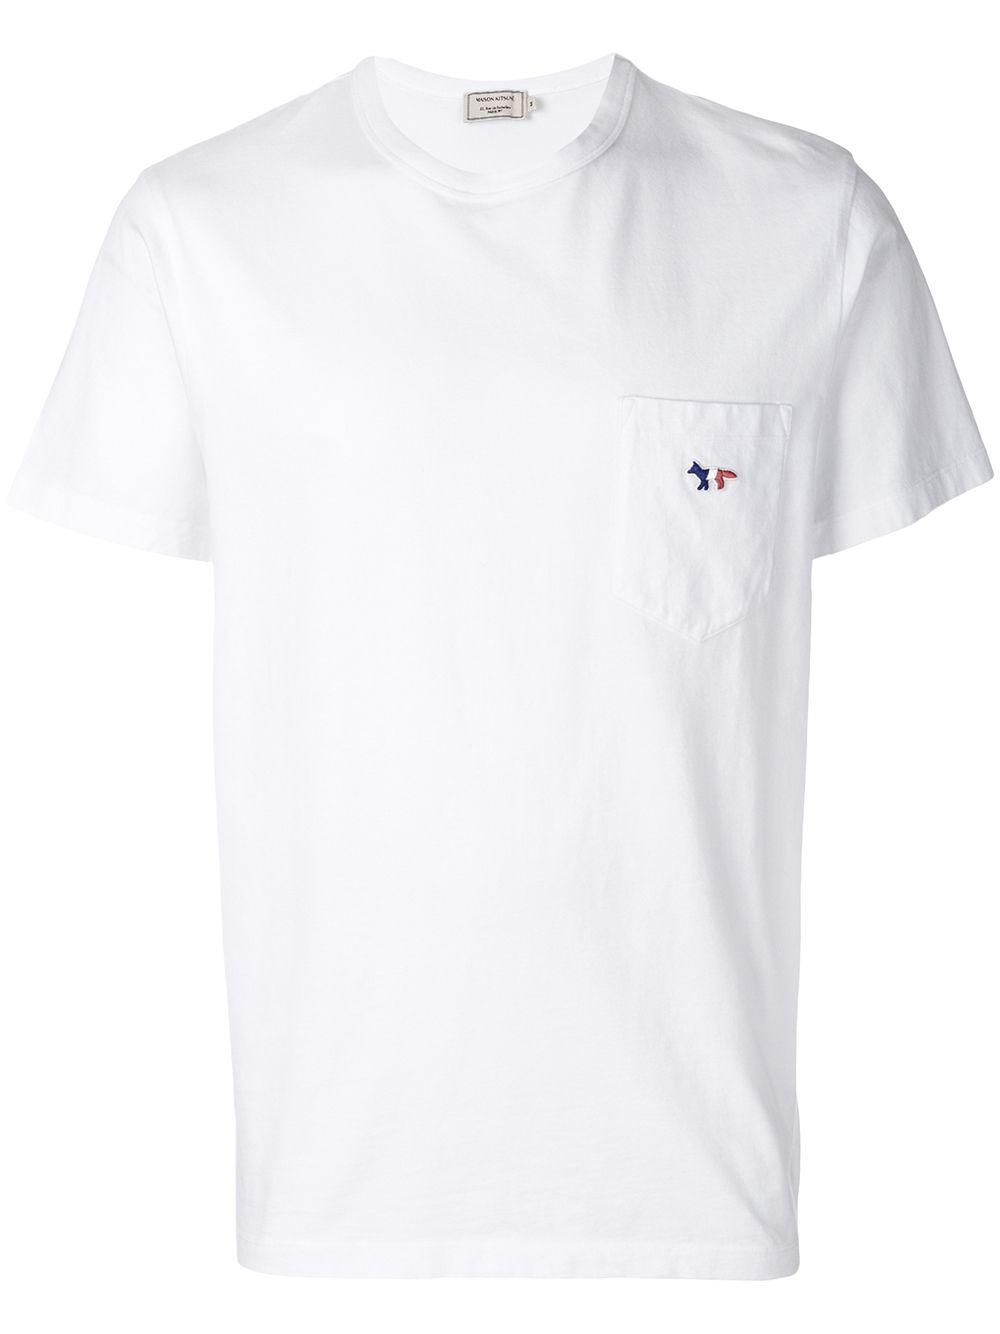 MAISON KITSUNÉ tshirts